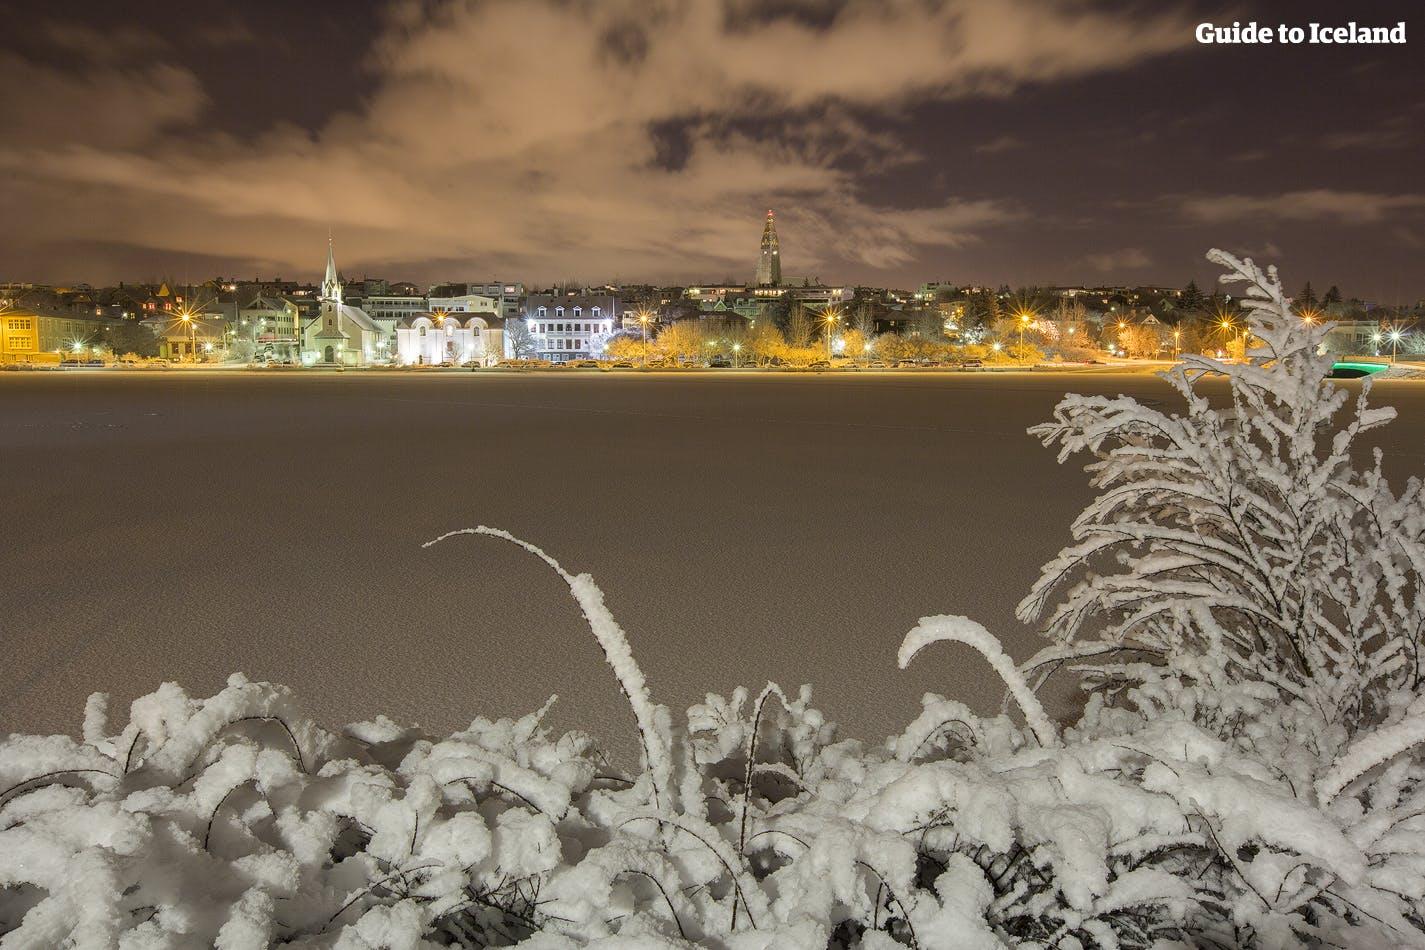 Die Lichter Reykjavíks erleuchten den dunklen Winterhimmel.